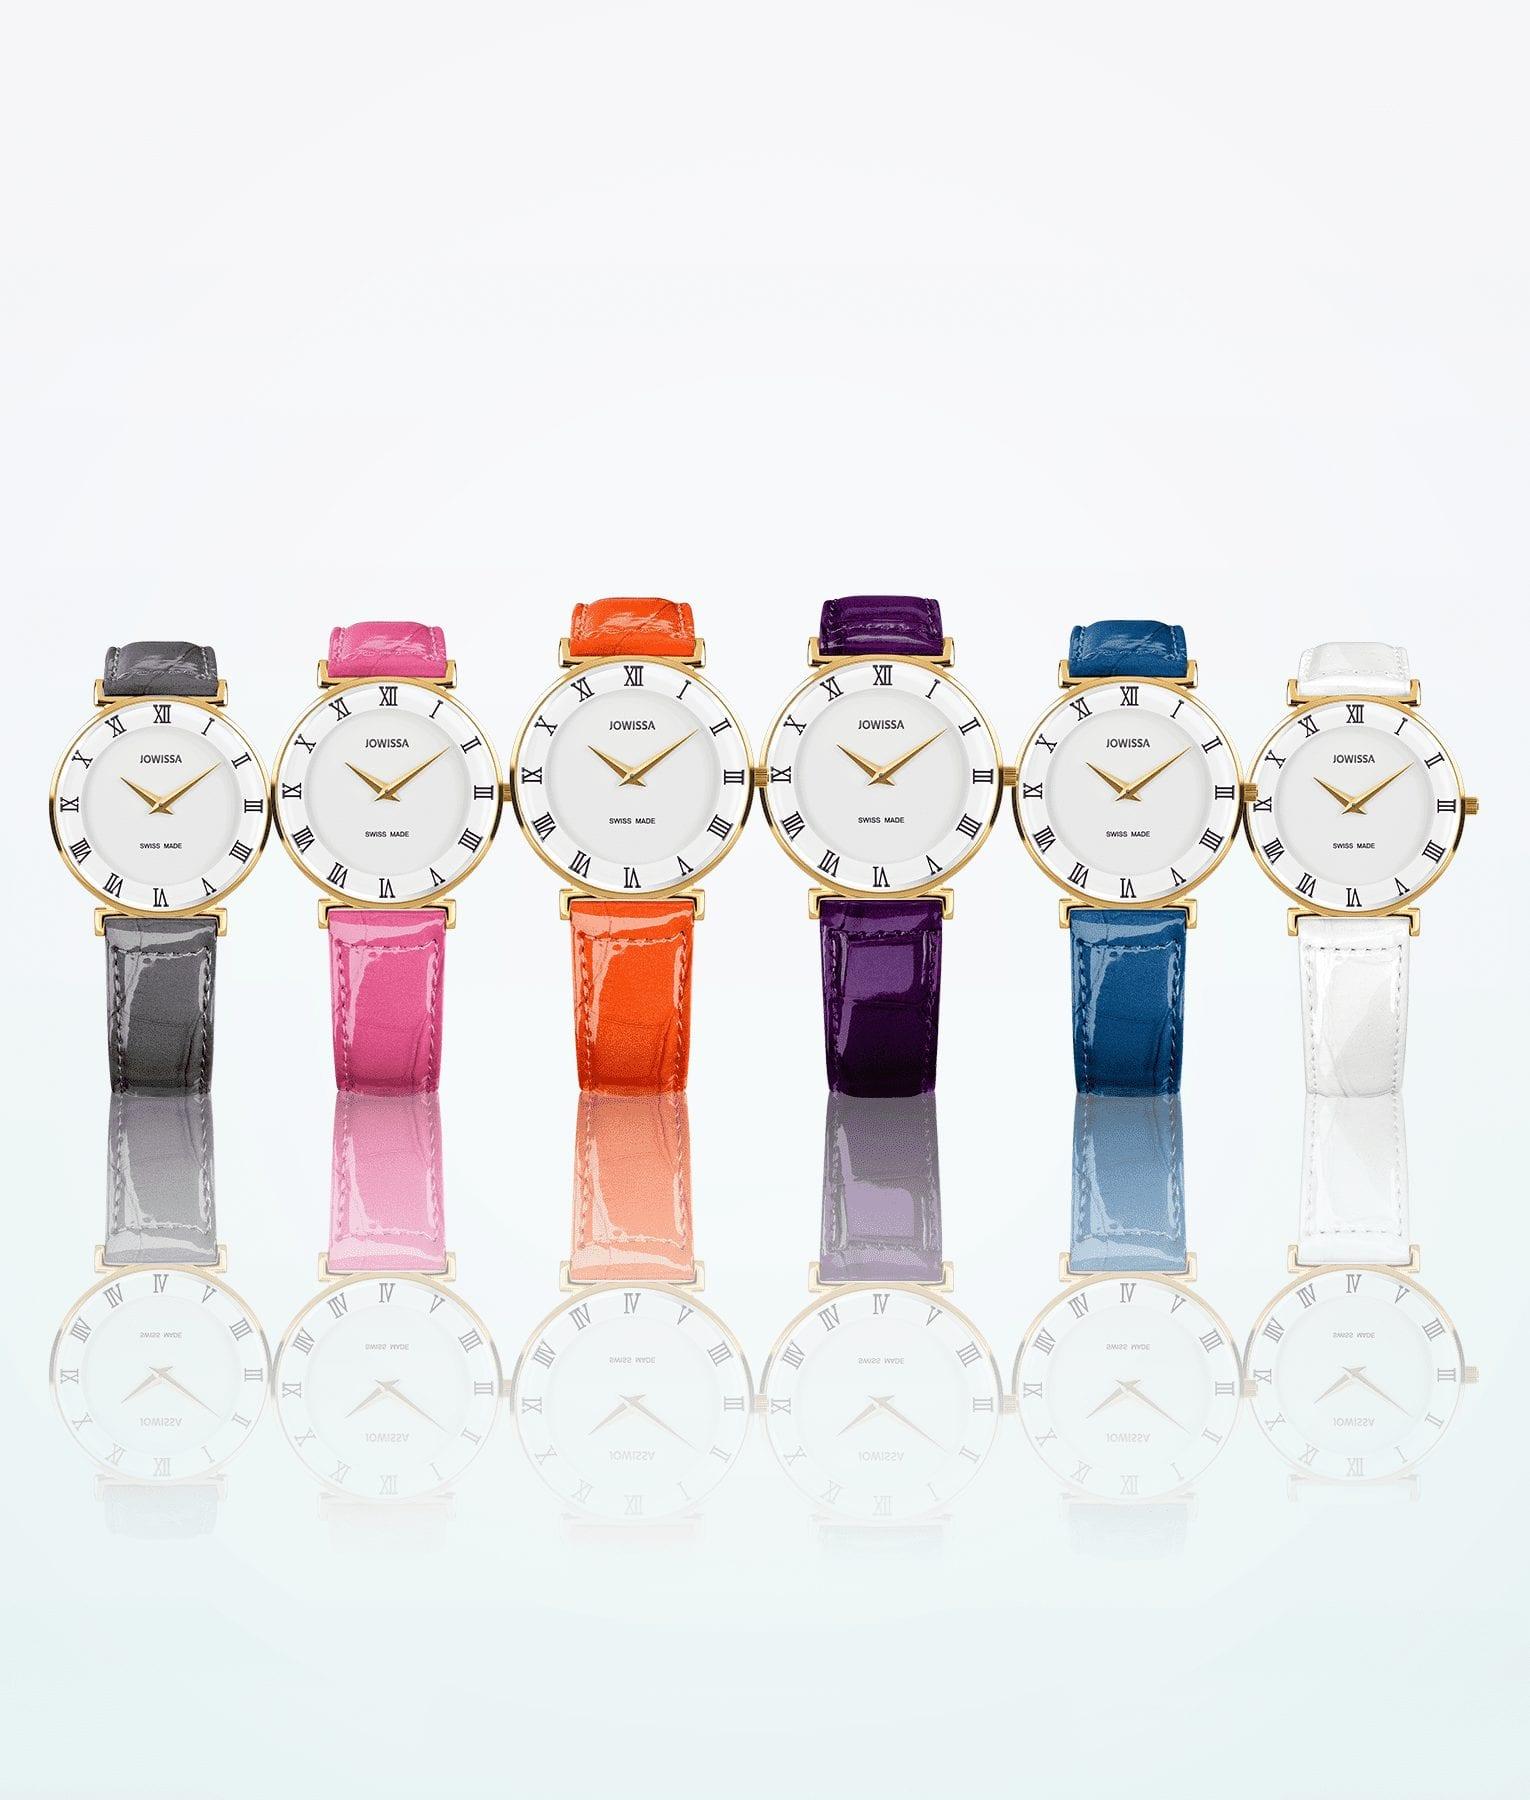 montre-bracelet en or jowissa-roma